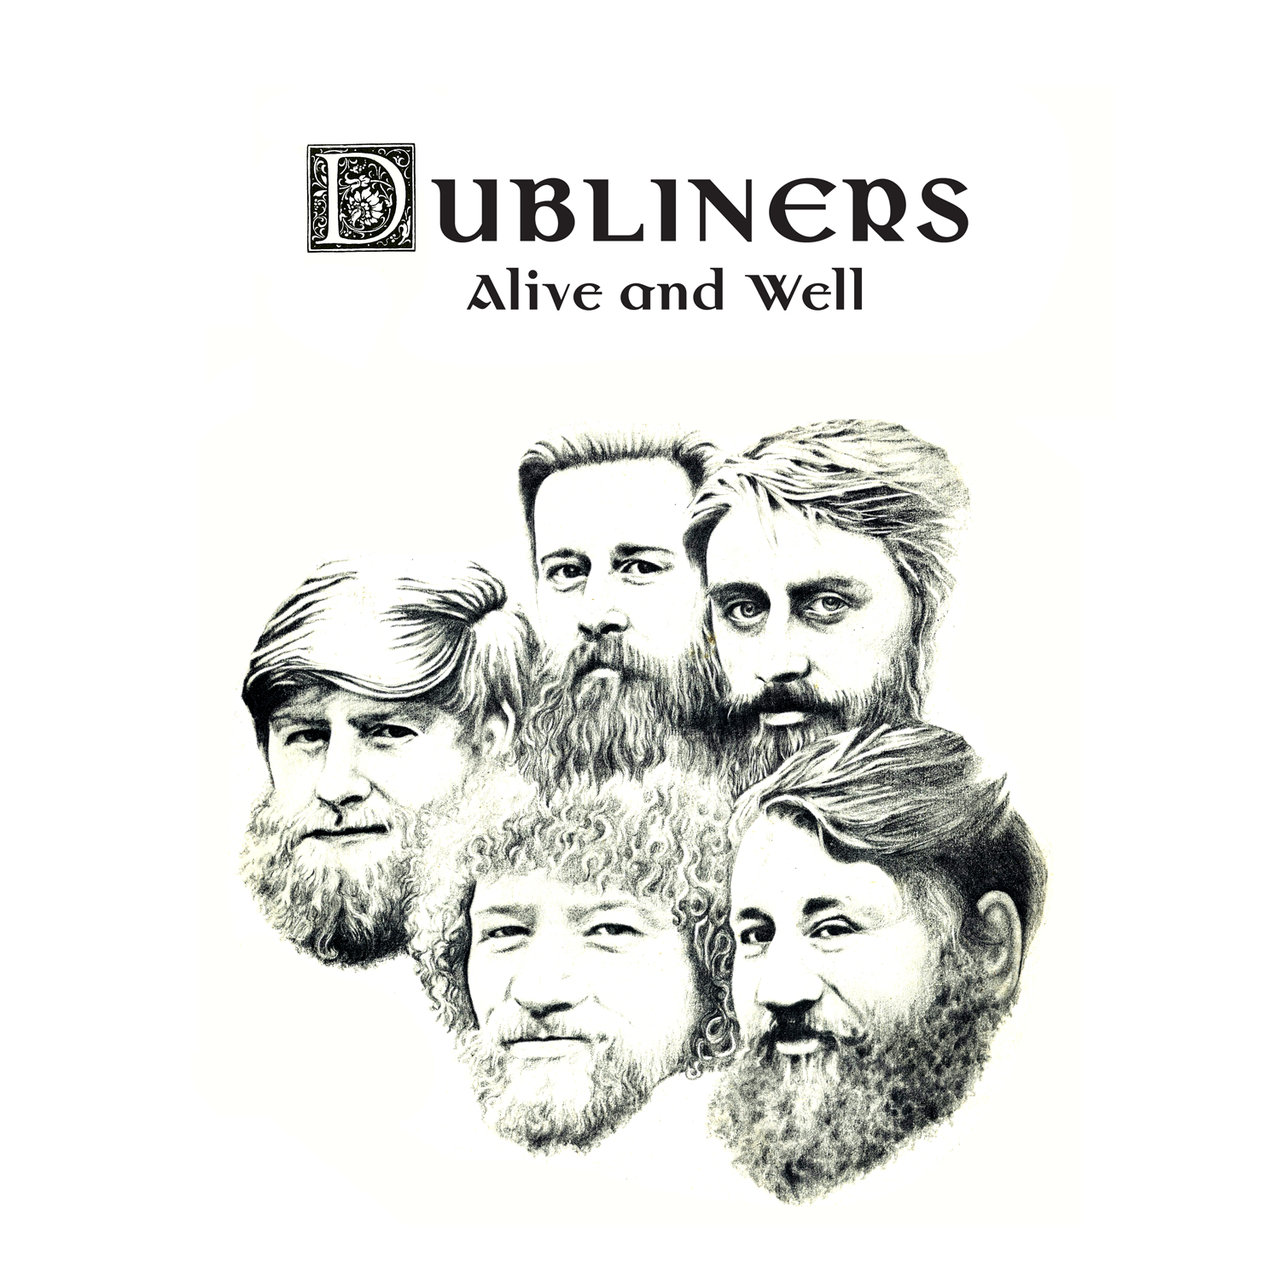 TIDAL: Listen to The Dubliners on TIDAL